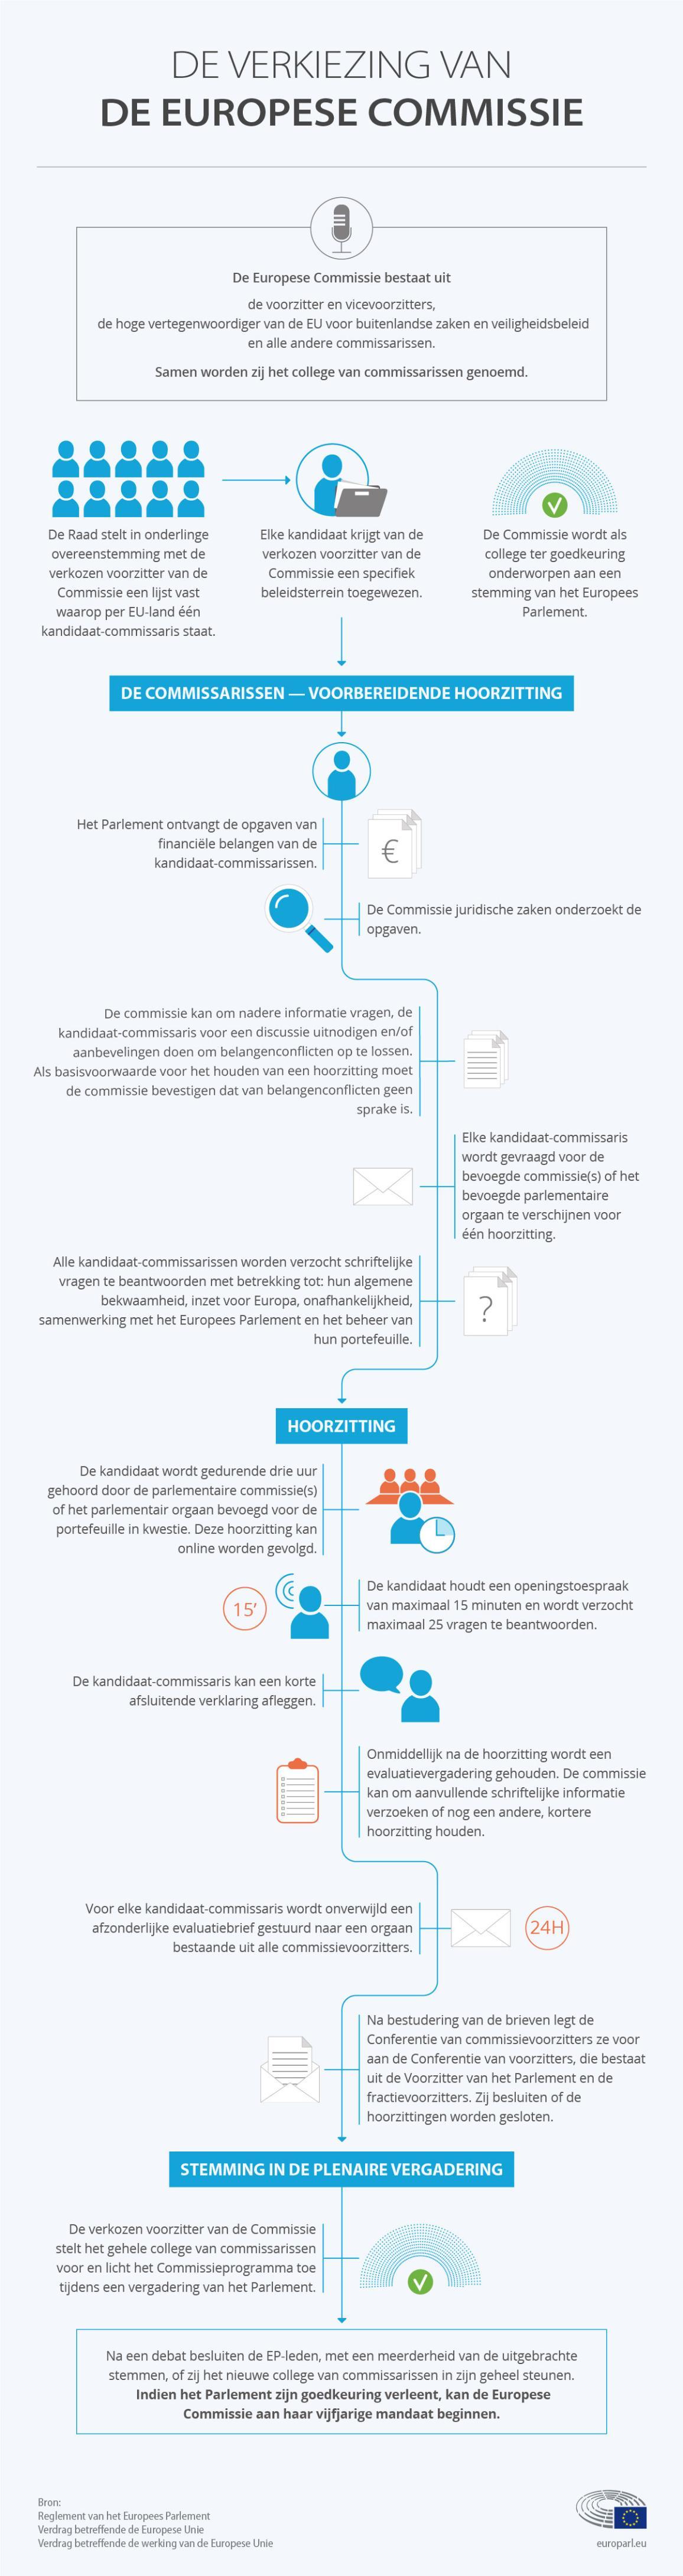 Infografiek met uitleg over de hoorzittingen met de kandidaat-commissarissen © European Union 2019 -EP